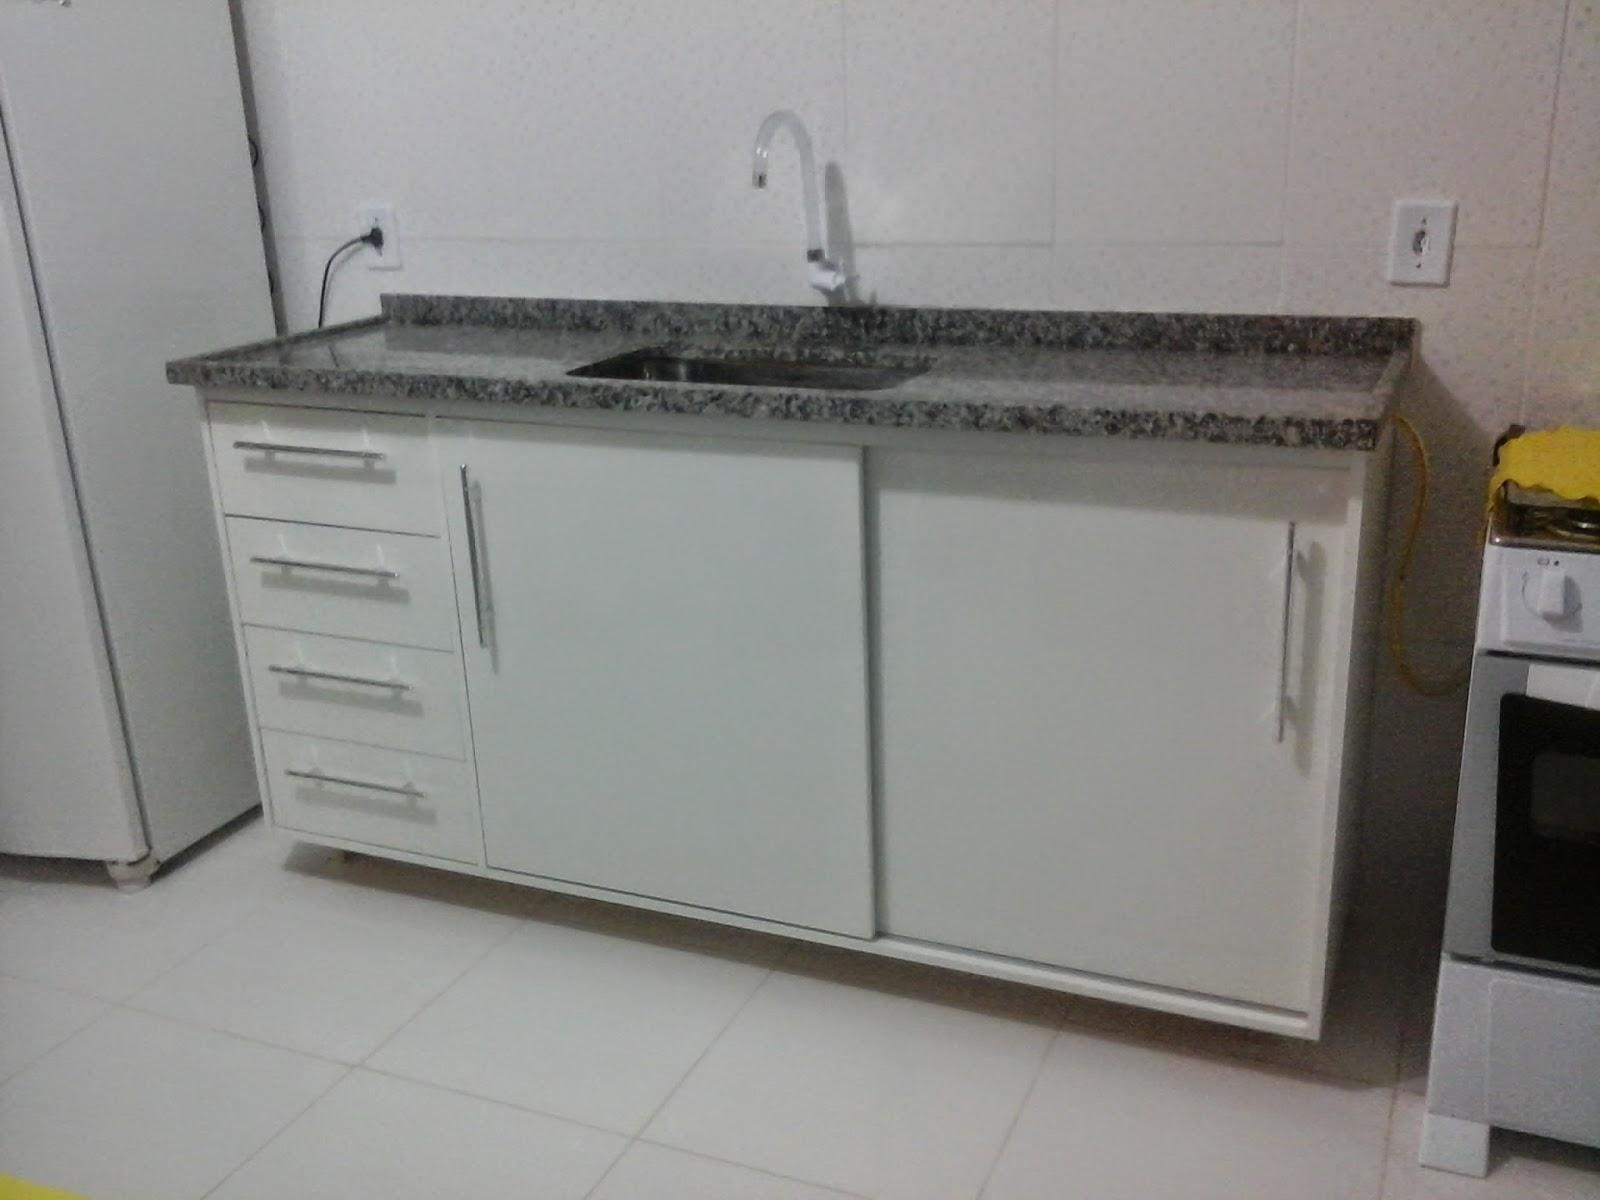 #786A40 Rangel Marcenaria: Cozinha armário de pia. 1600x1200 px Projeto De Armario De Pia De Cozinha #2739 imagens